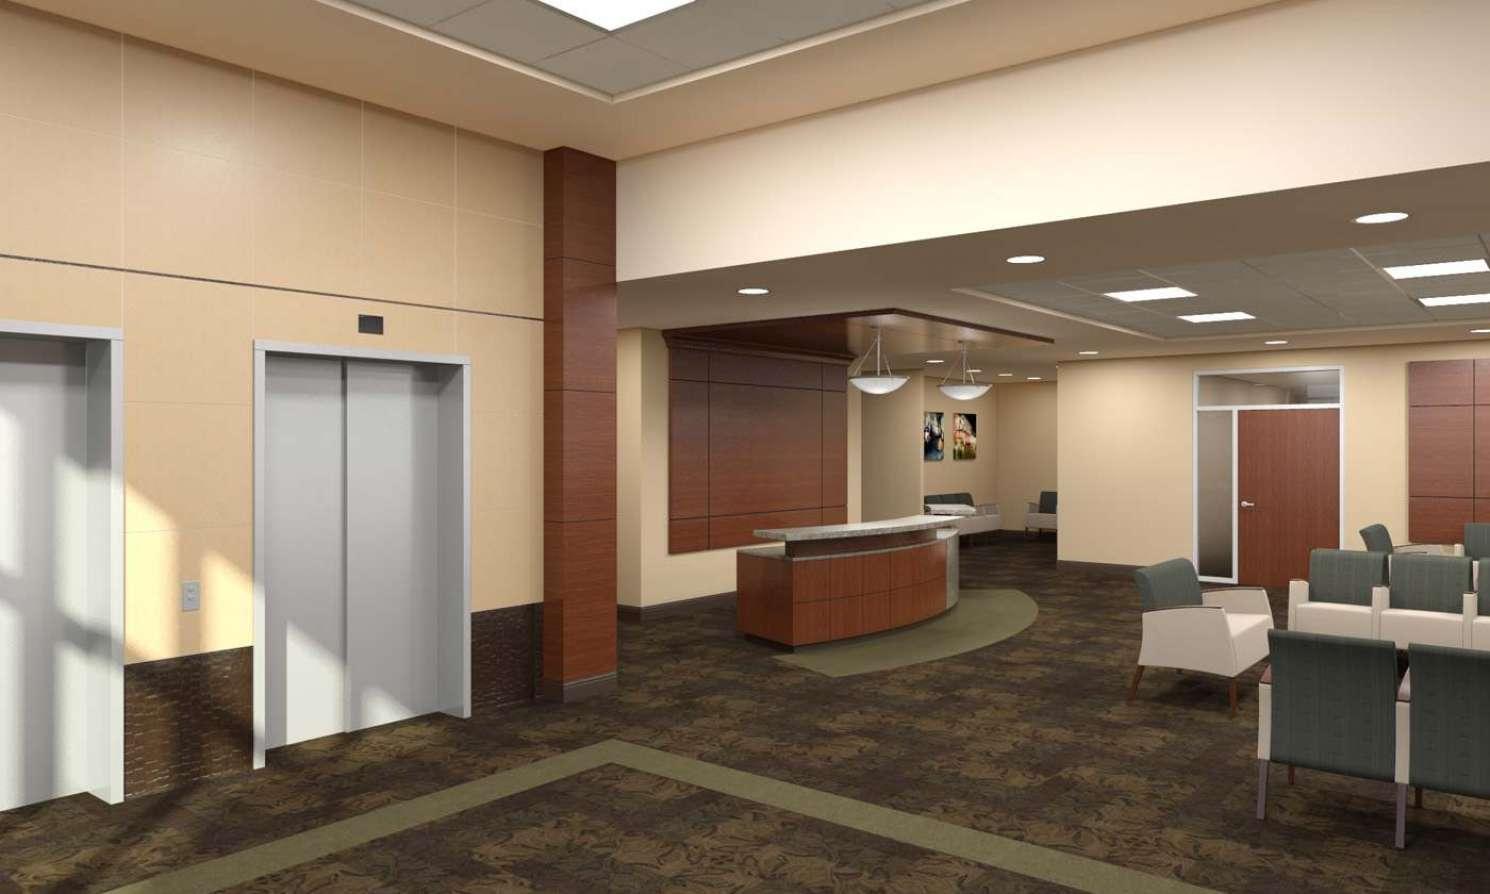 CrescentCity-Surgical Interior Cam21 Comp